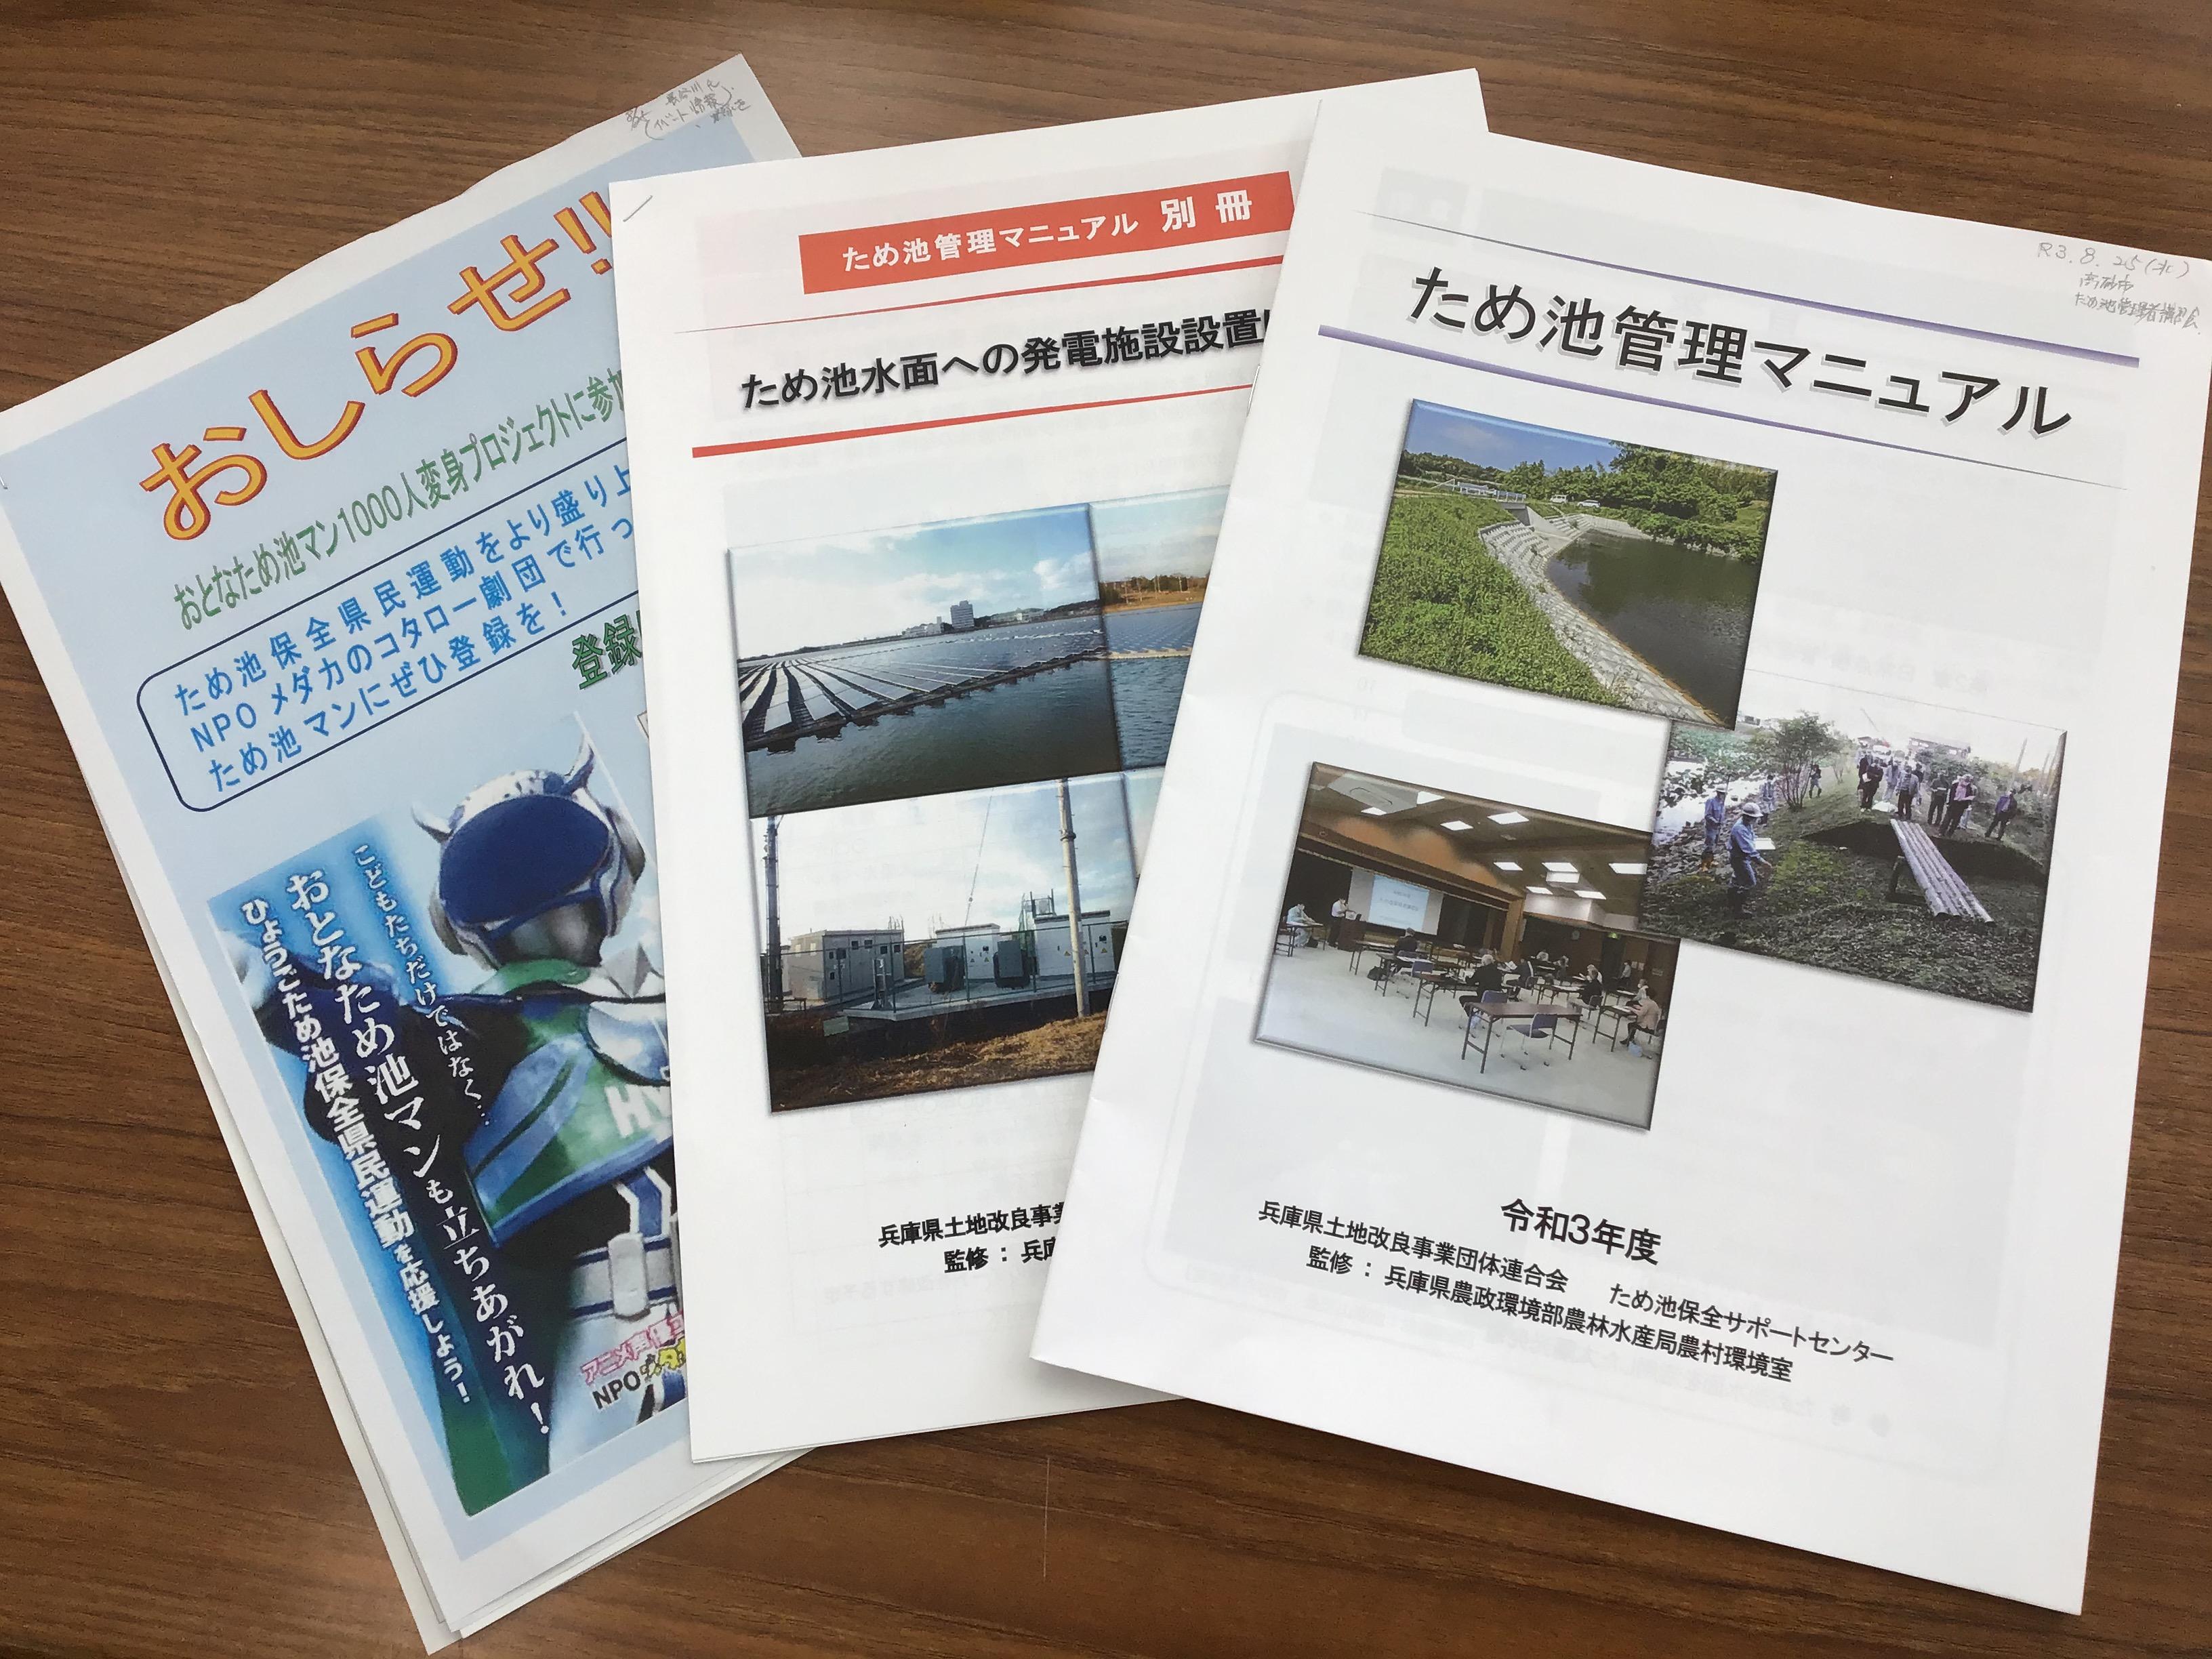 長谷川技師の説明資料